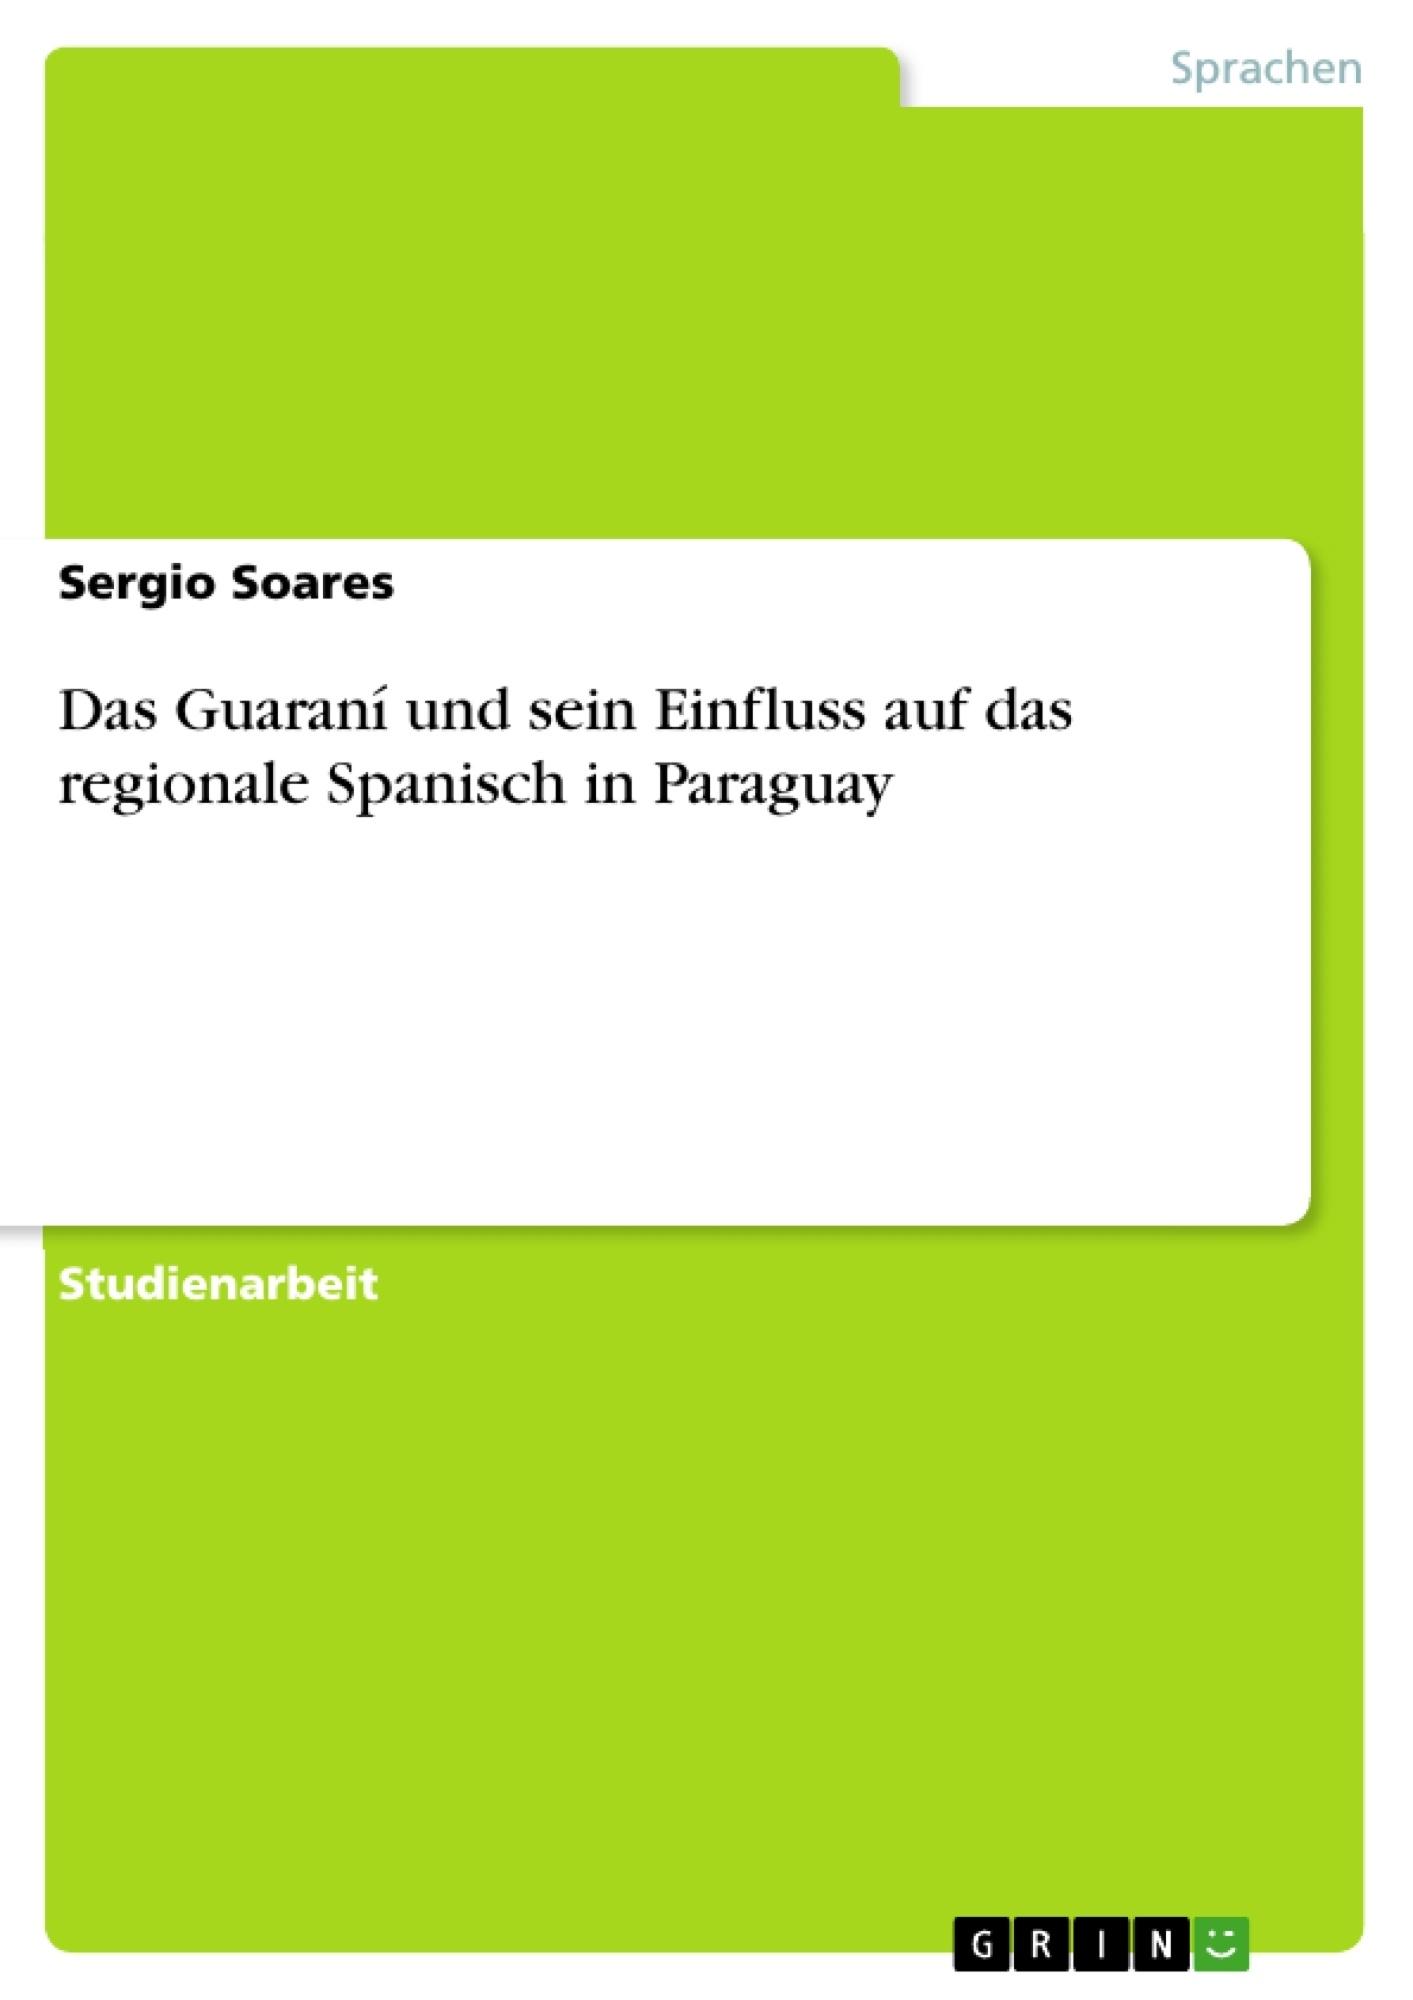 Titel: Das Guaraní und sein Einfluss auf das regionale Spanisch in Paraguay